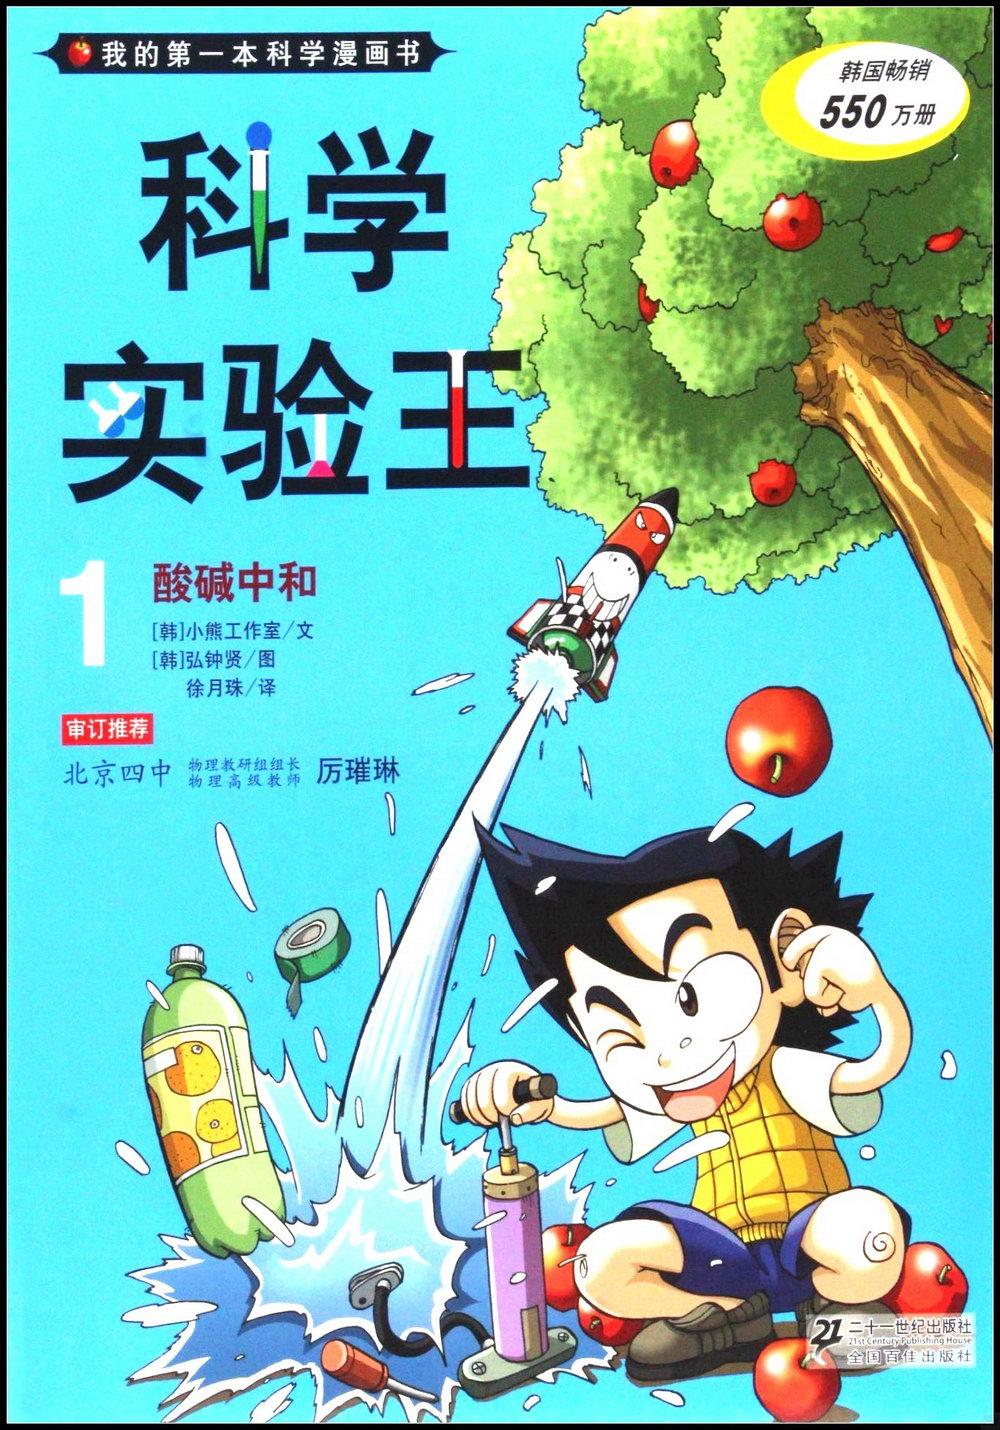 我的第一本科學漫畫書:科學實驗王^(1^)~~酸鹼中和